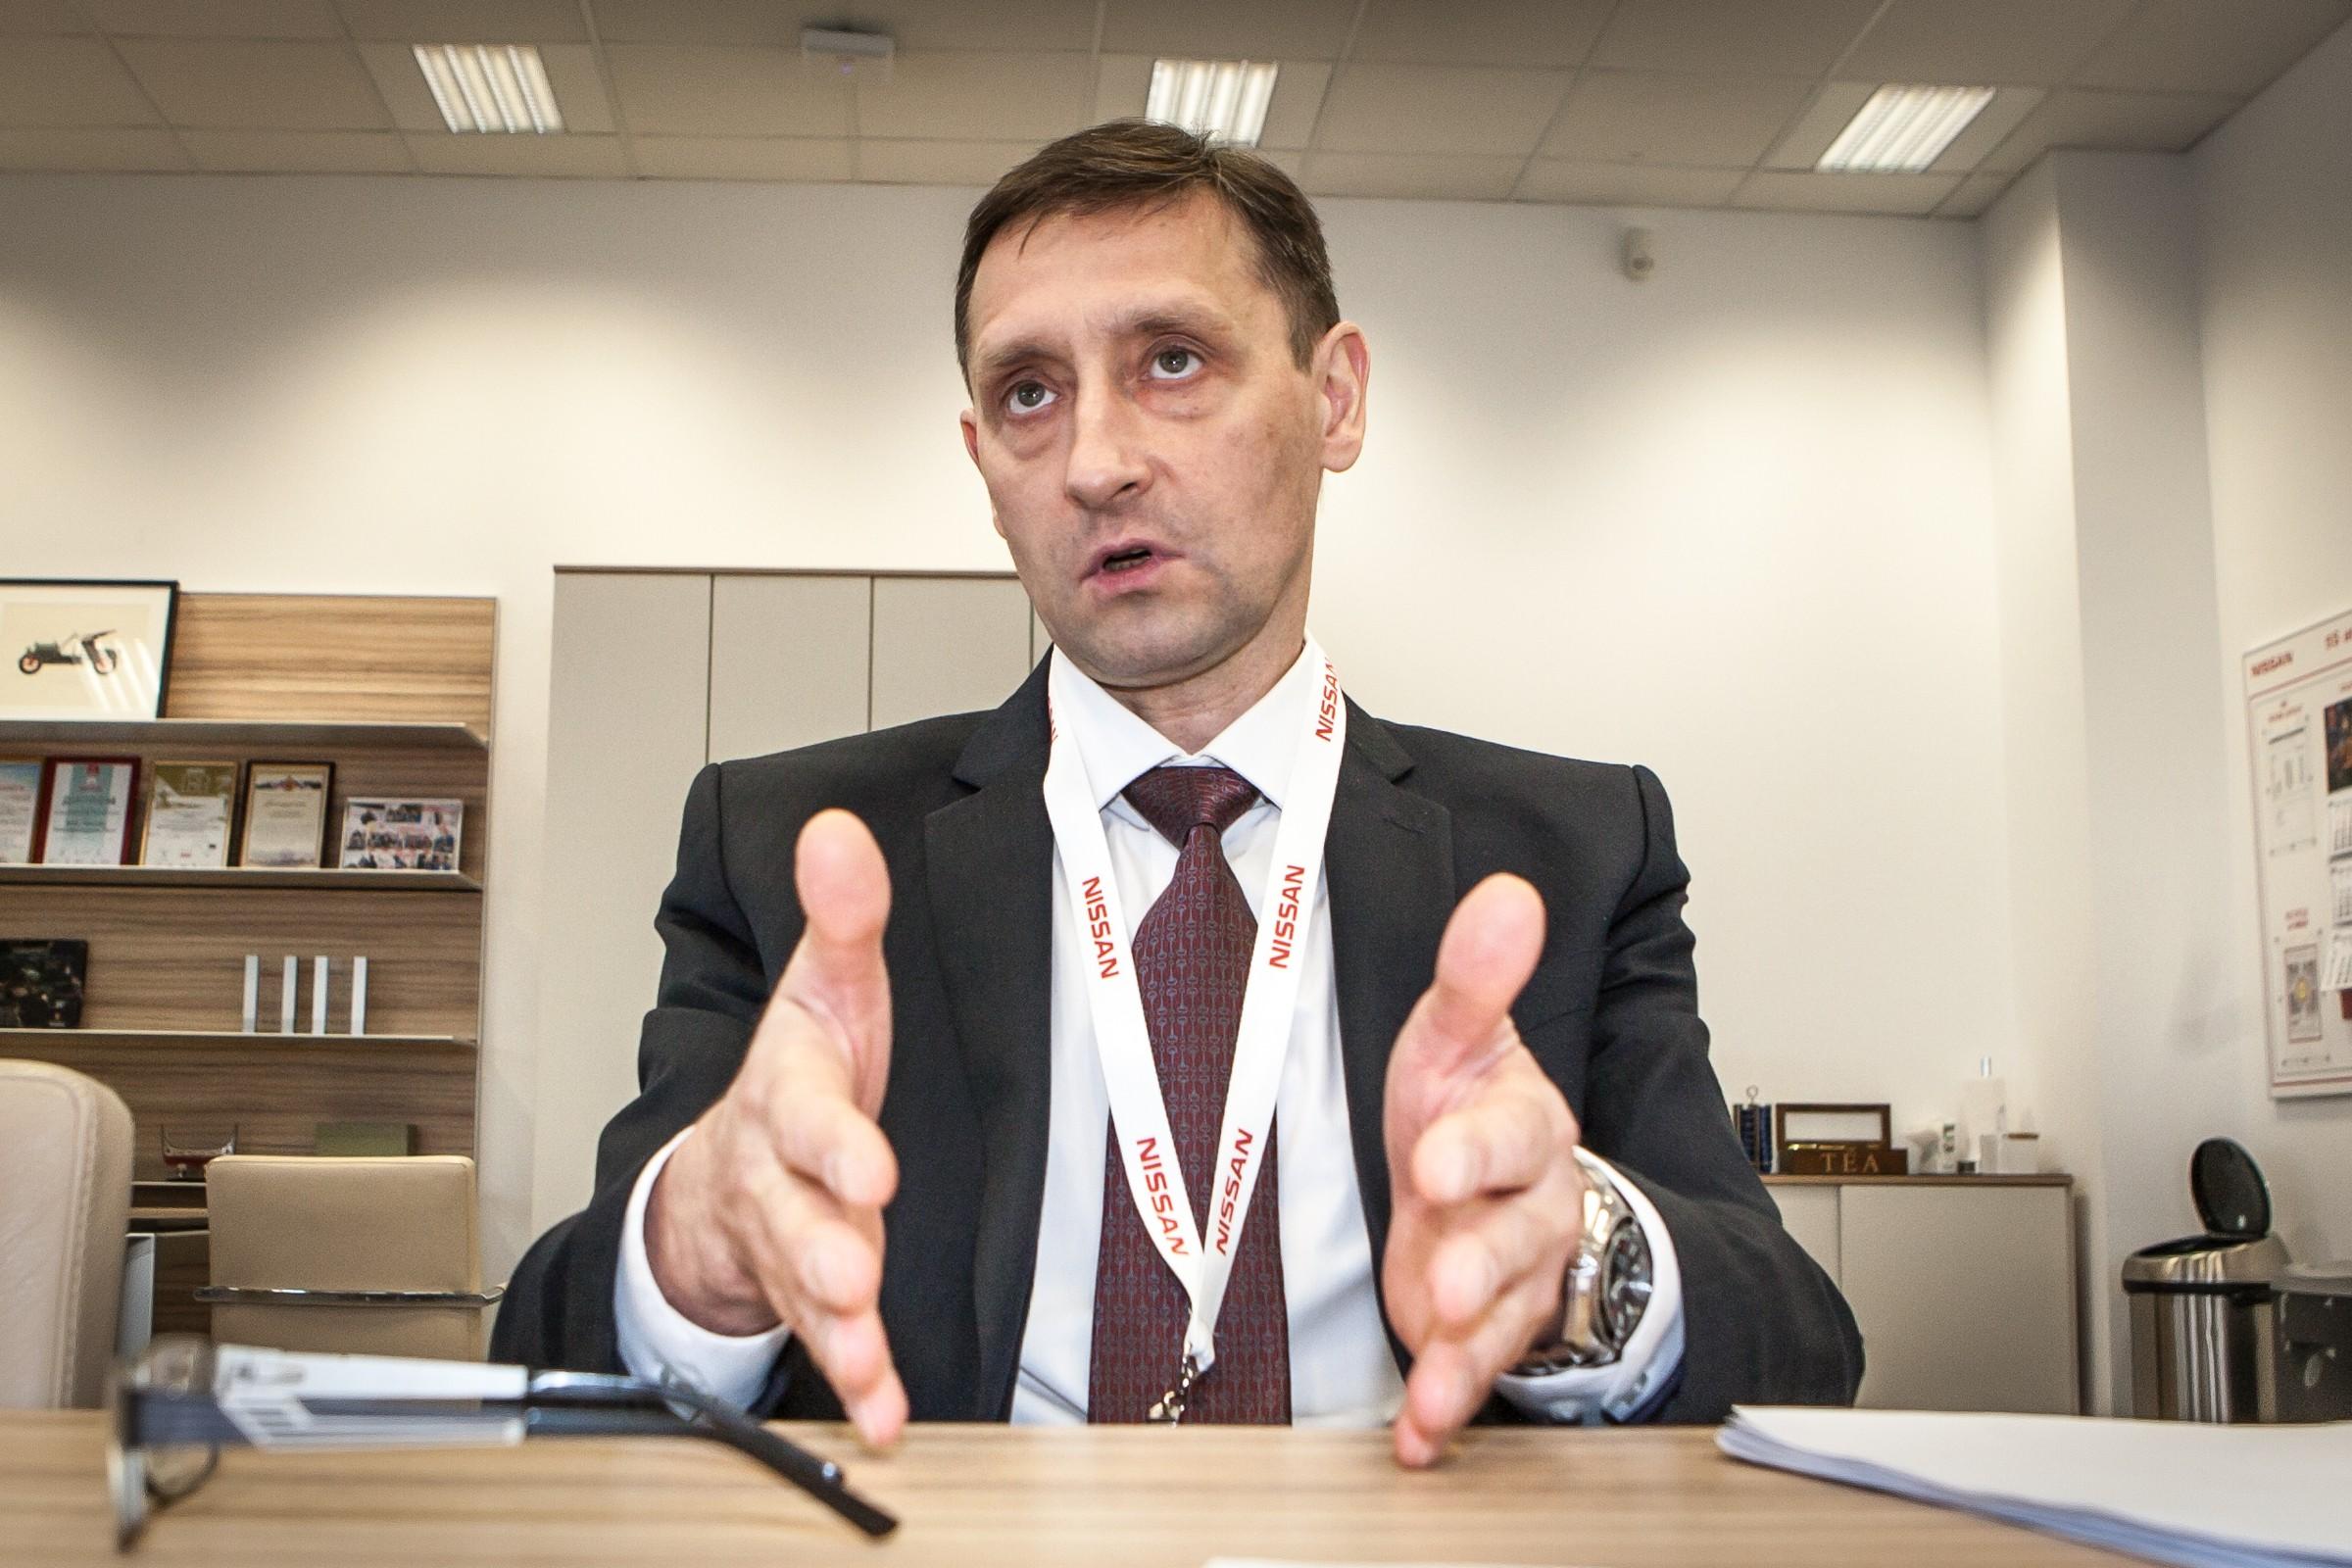 Игорь Бойцов, генеральный директор завода «Ниссан Мэнуфэкчуринг Рус»